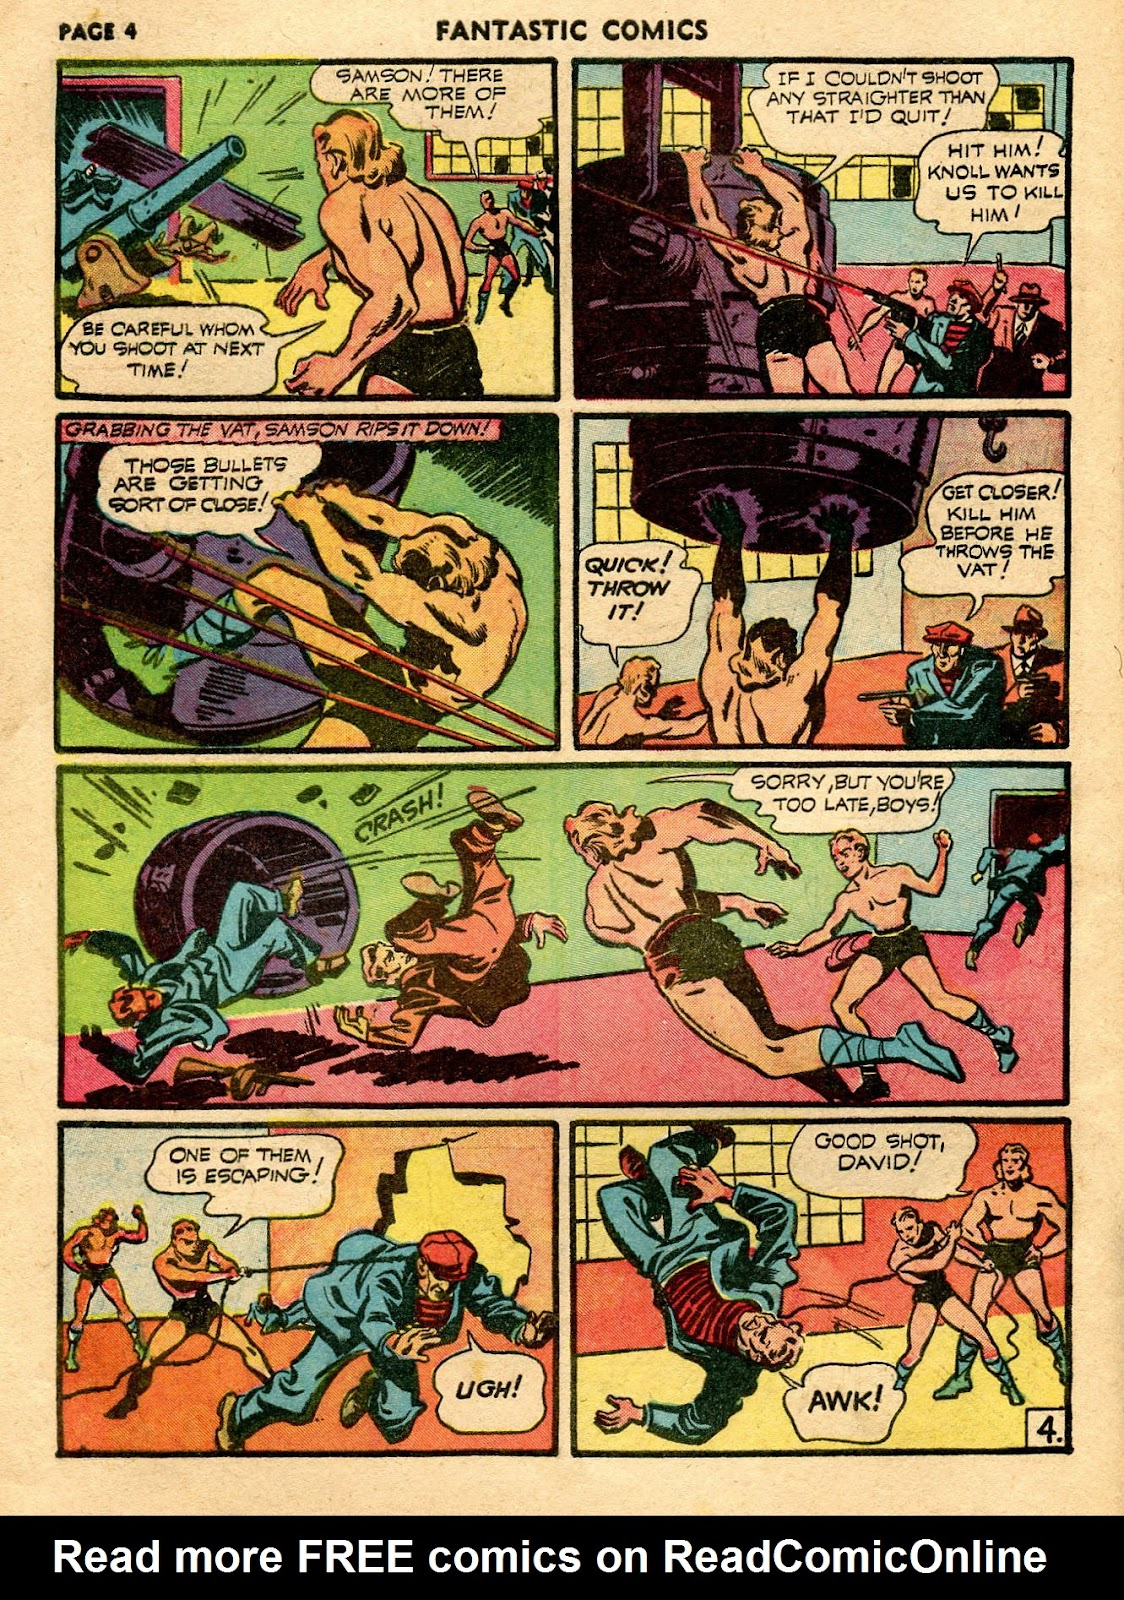 Read online Fantastic Comics comic -  Issue #21 - 6